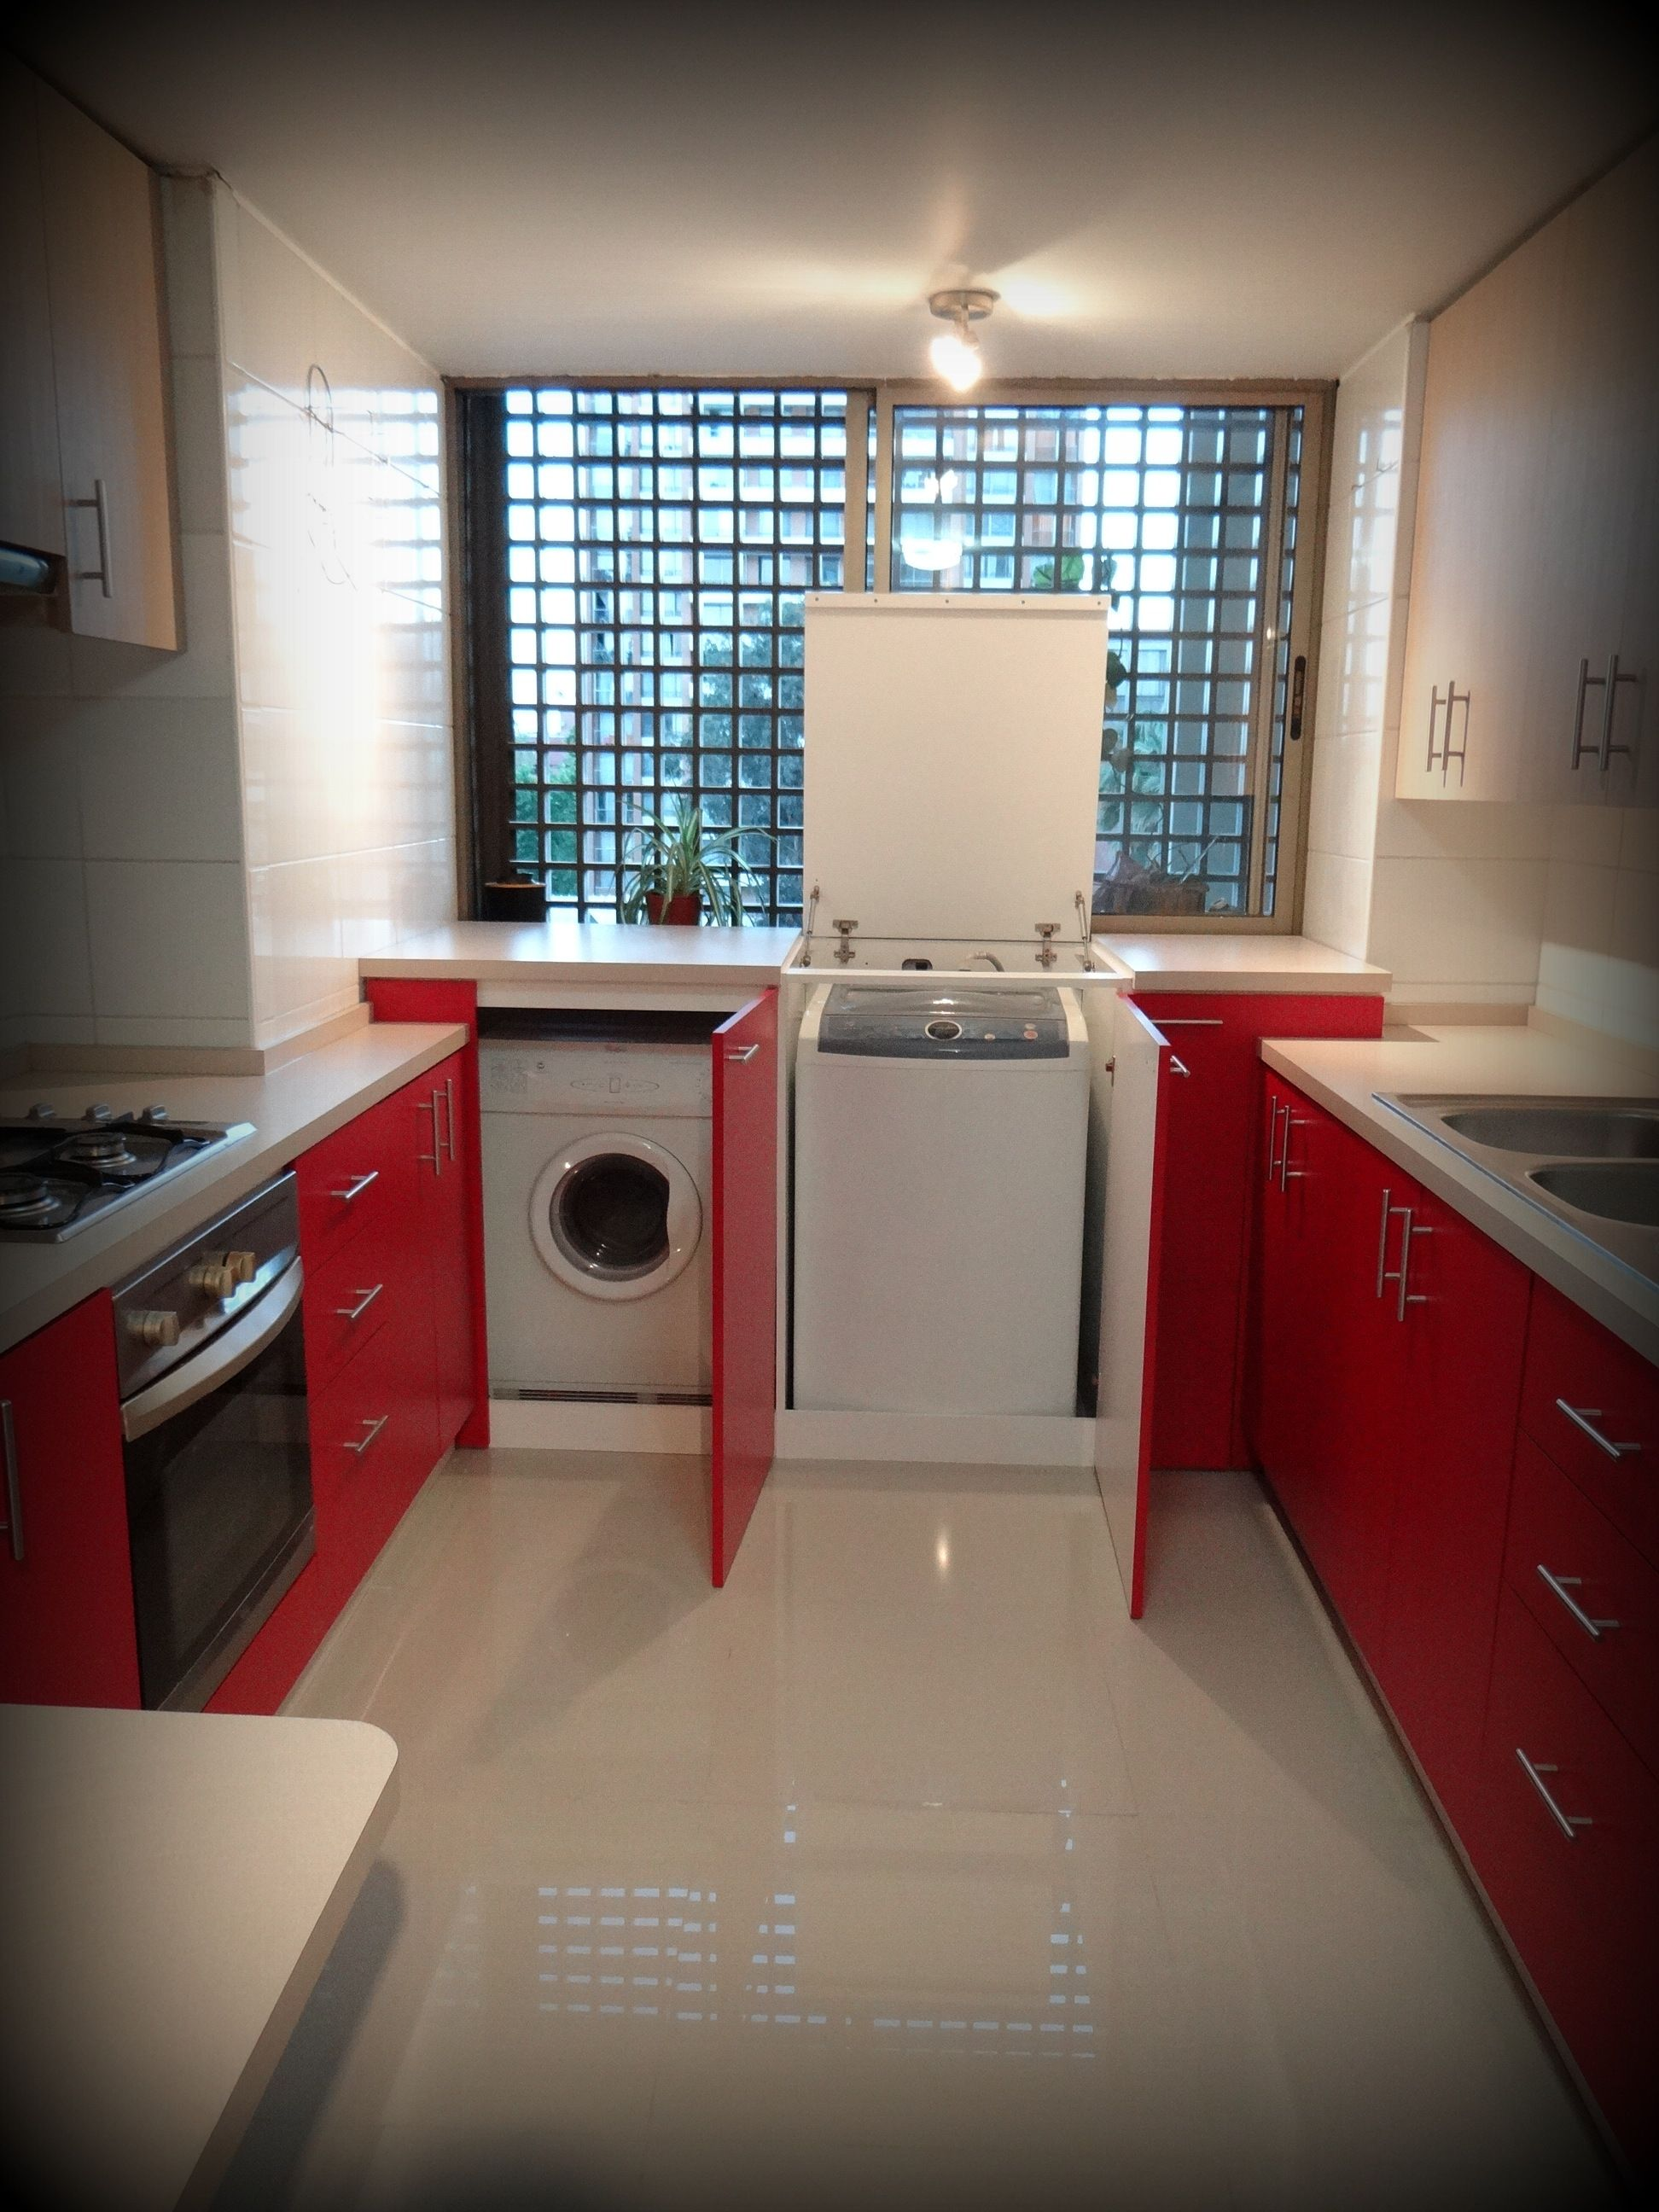 Soluci n para secadora y lavadora con carga superior y - Lavadora secadora pequena ...